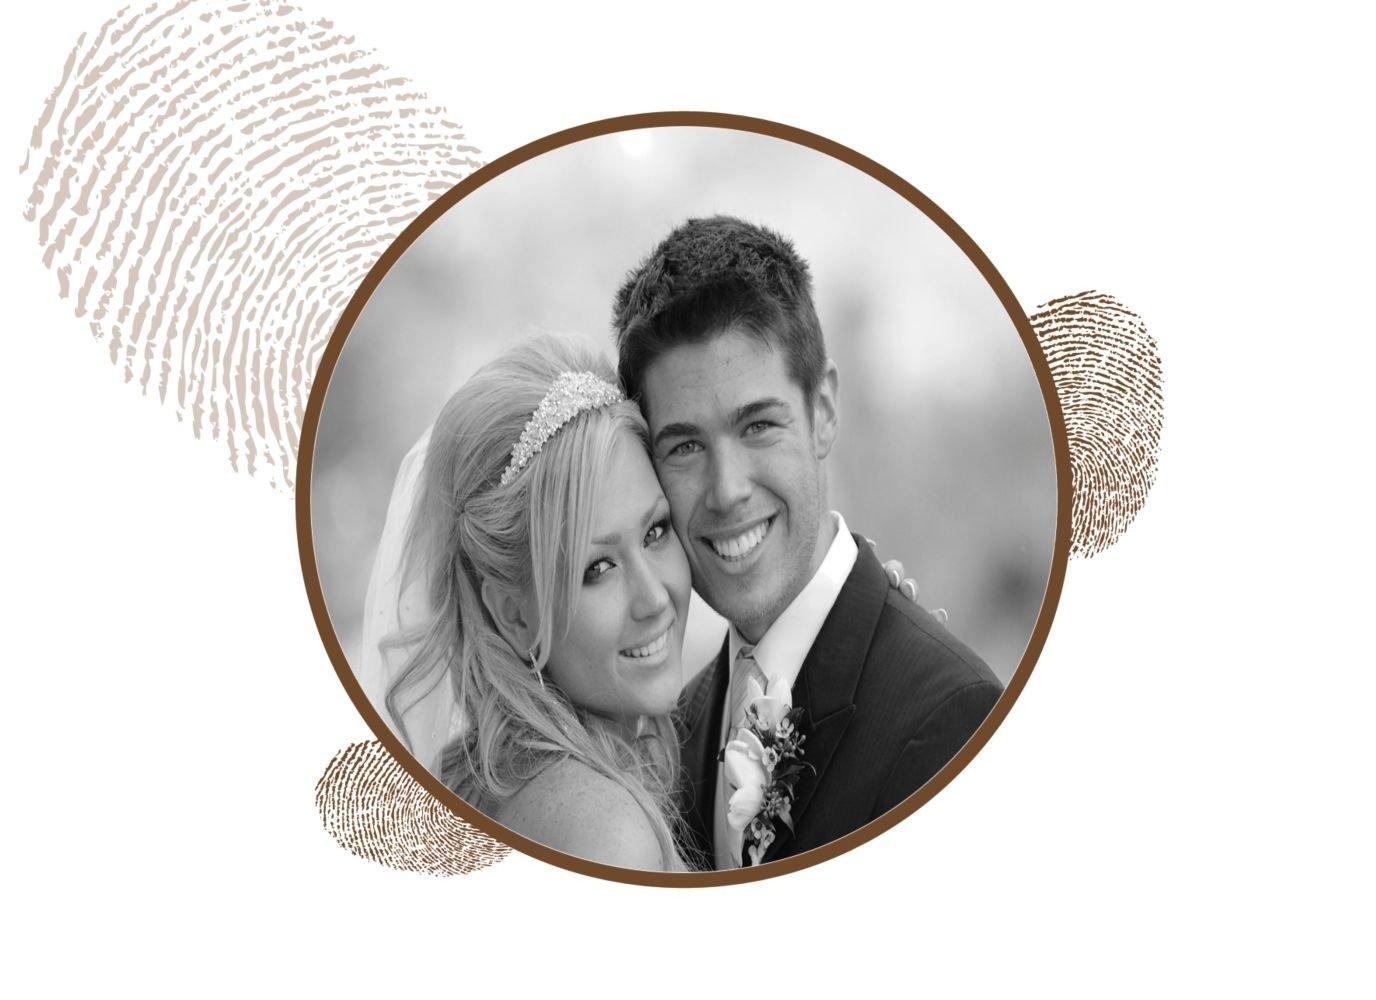 Kartenparadies Danksagung für für für Hochzeitsgeschenke Hochzeit Dankeskarte fingerprint, hochwertige Danksagungskarte Hochzeitsglückwünsche inklusive Umschläge   20 Karten - (Format  148x105 mm) Farbe  Grau B01N5RPHKL | Glücklicher Startpunk 44b645